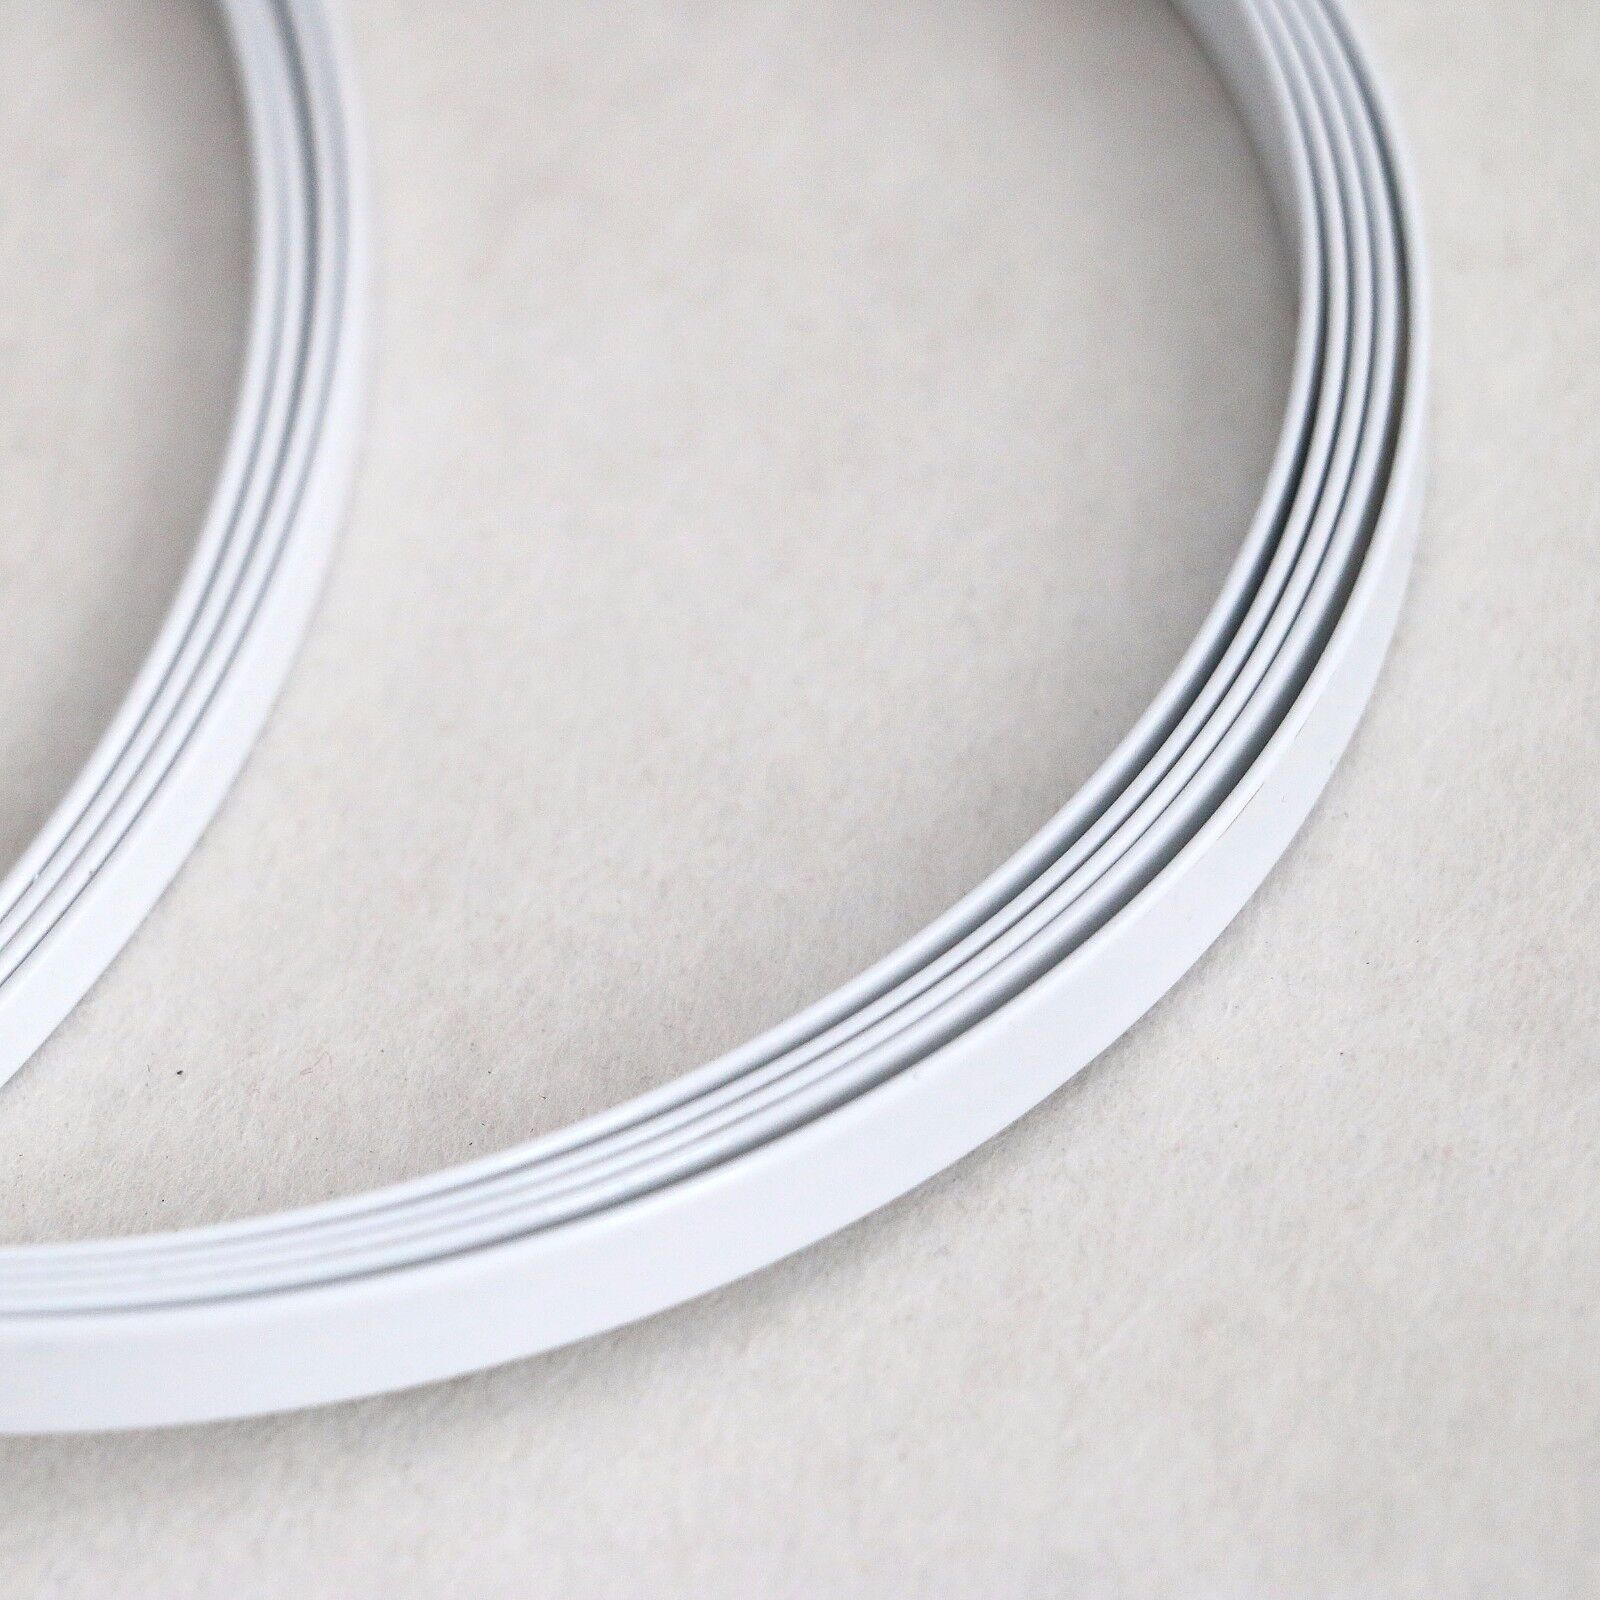 bd1e2d54b6 Details about White Steel Corset Boning 1 4